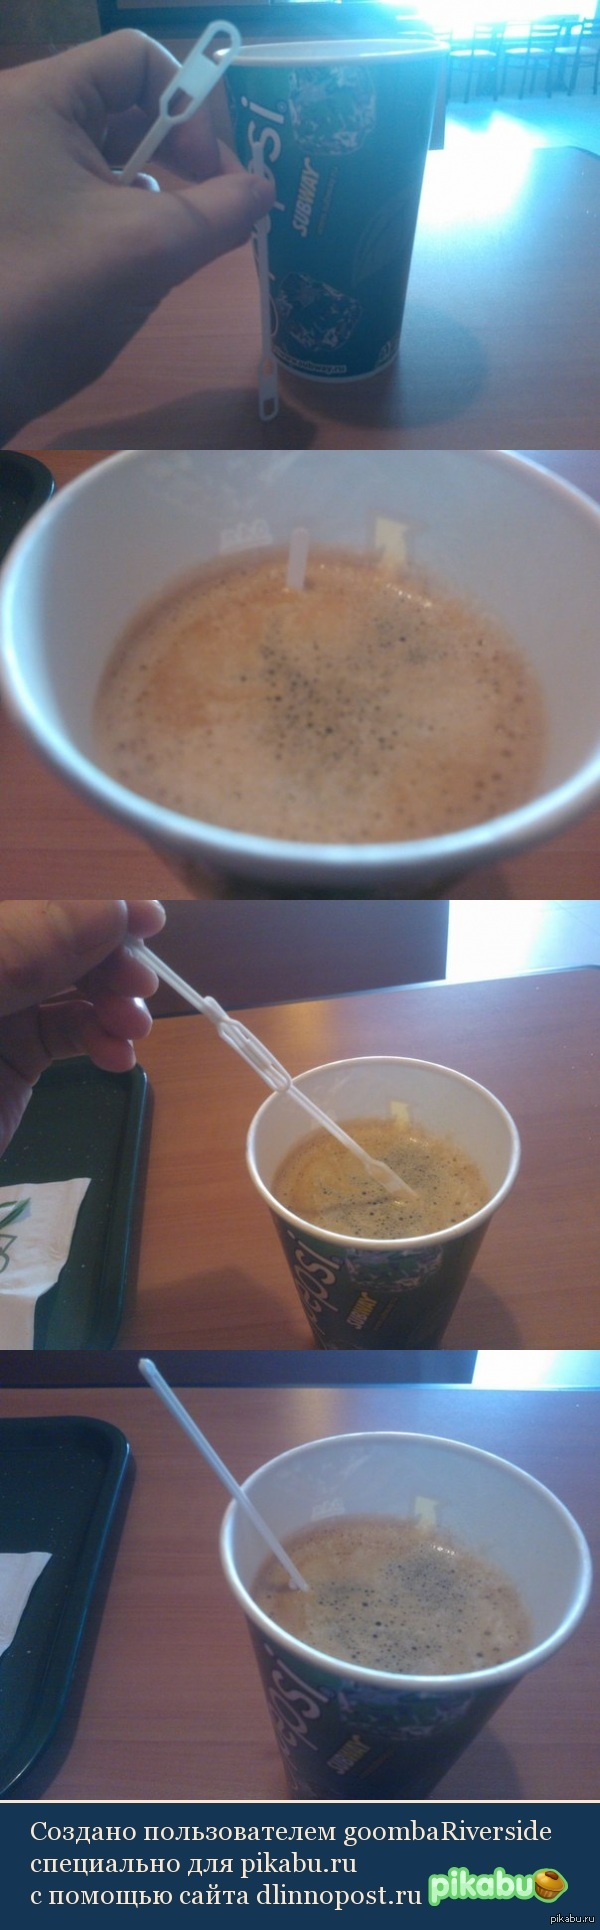 Сегодня в Subway заказал большой американо,столкнулся с проблемой маленьких палочек для помешивания сахарку))